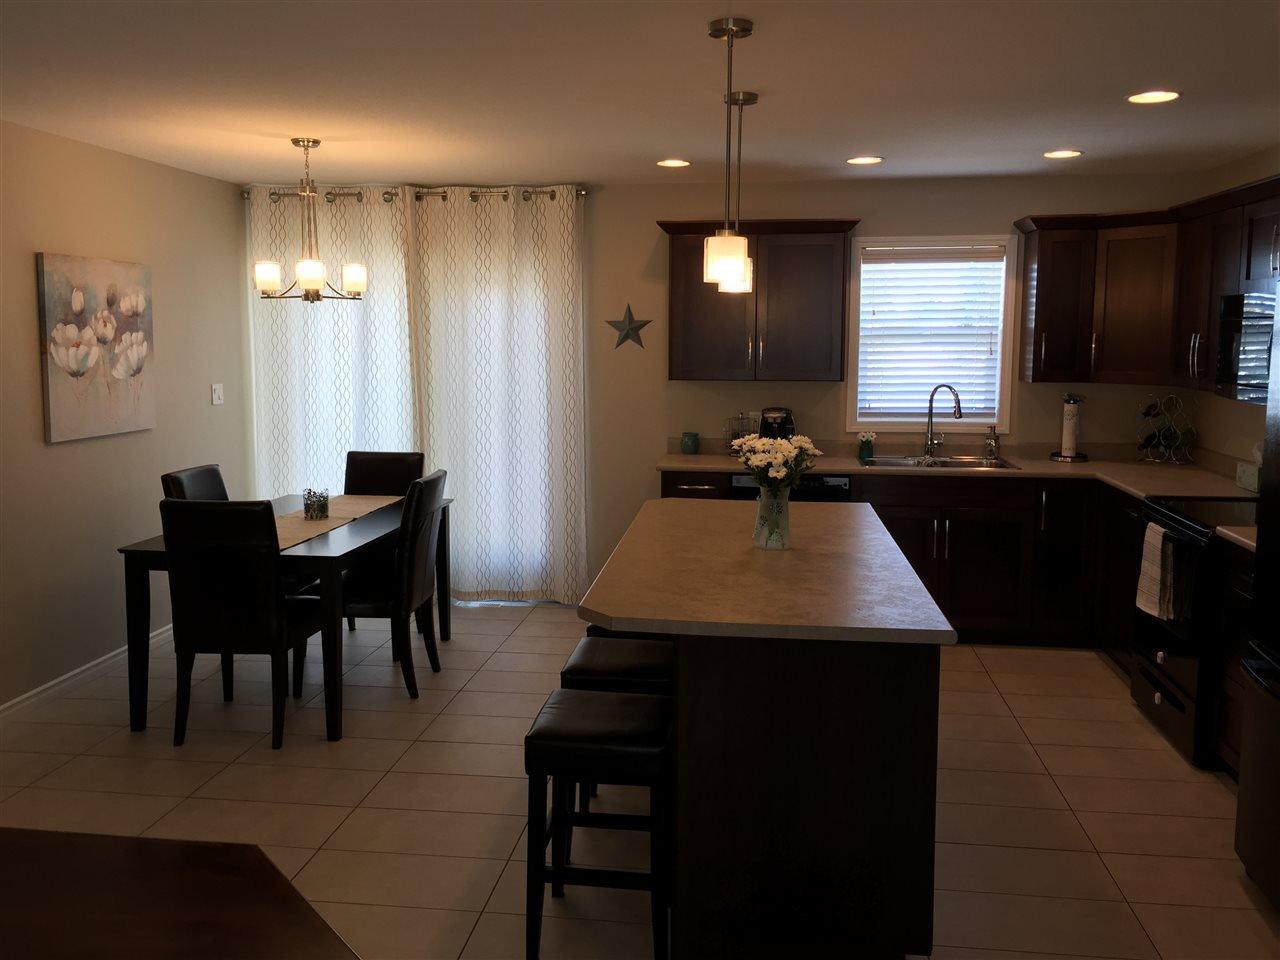 Photo 3: Photos: 11351 86A Street in Fort St. John: Fort St. John - City NE House for sale (Fort St. John (Zone 60))  : MLS®# R2147006